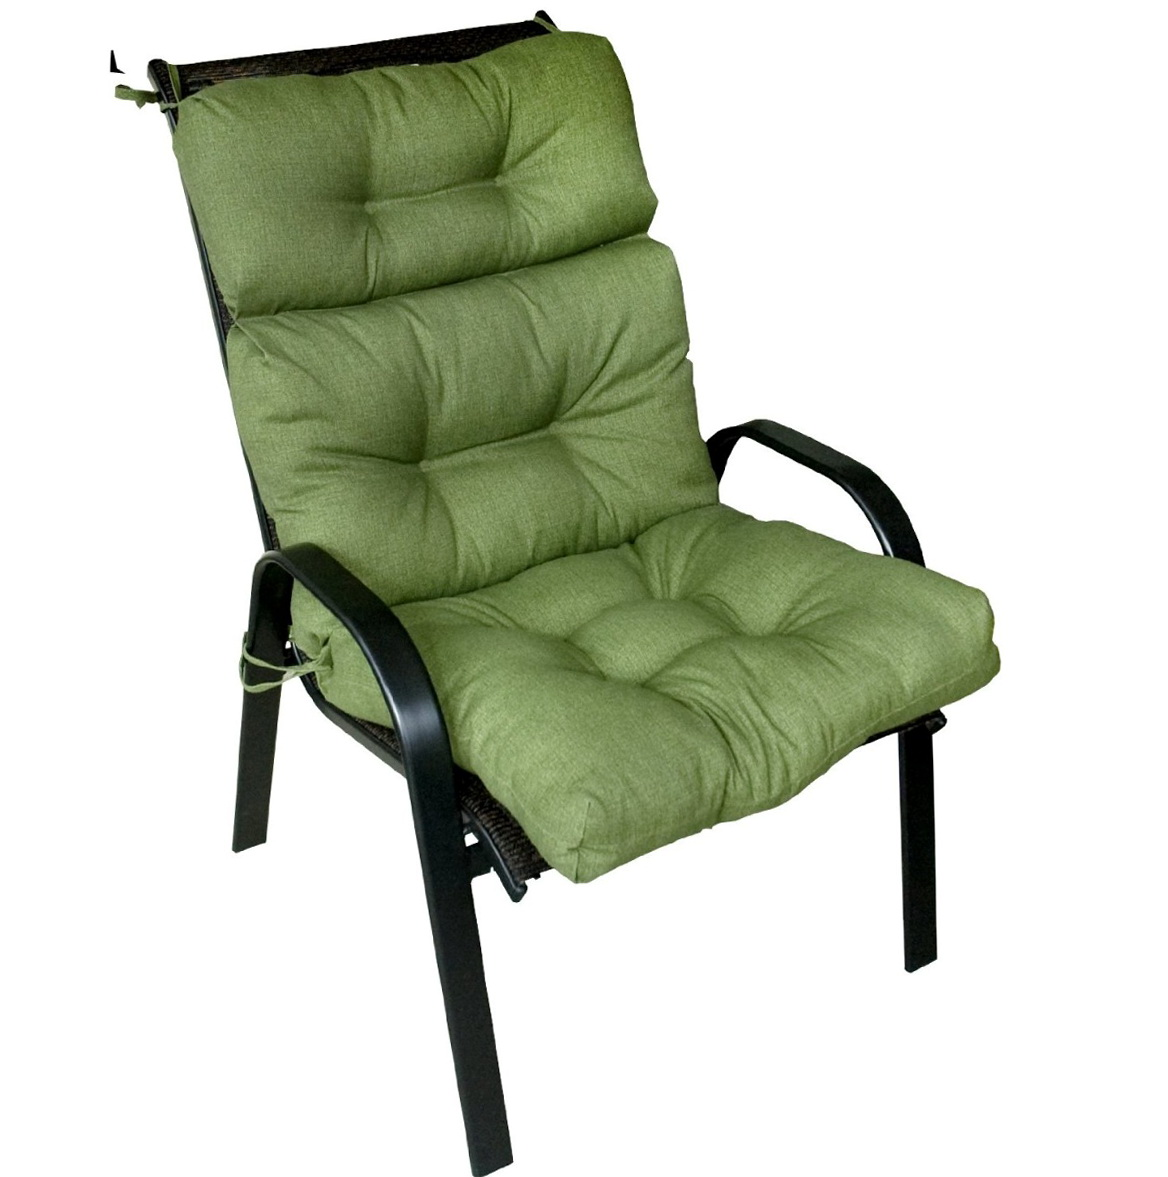 Patio Chair Cushions Cheap Home Design Ideas